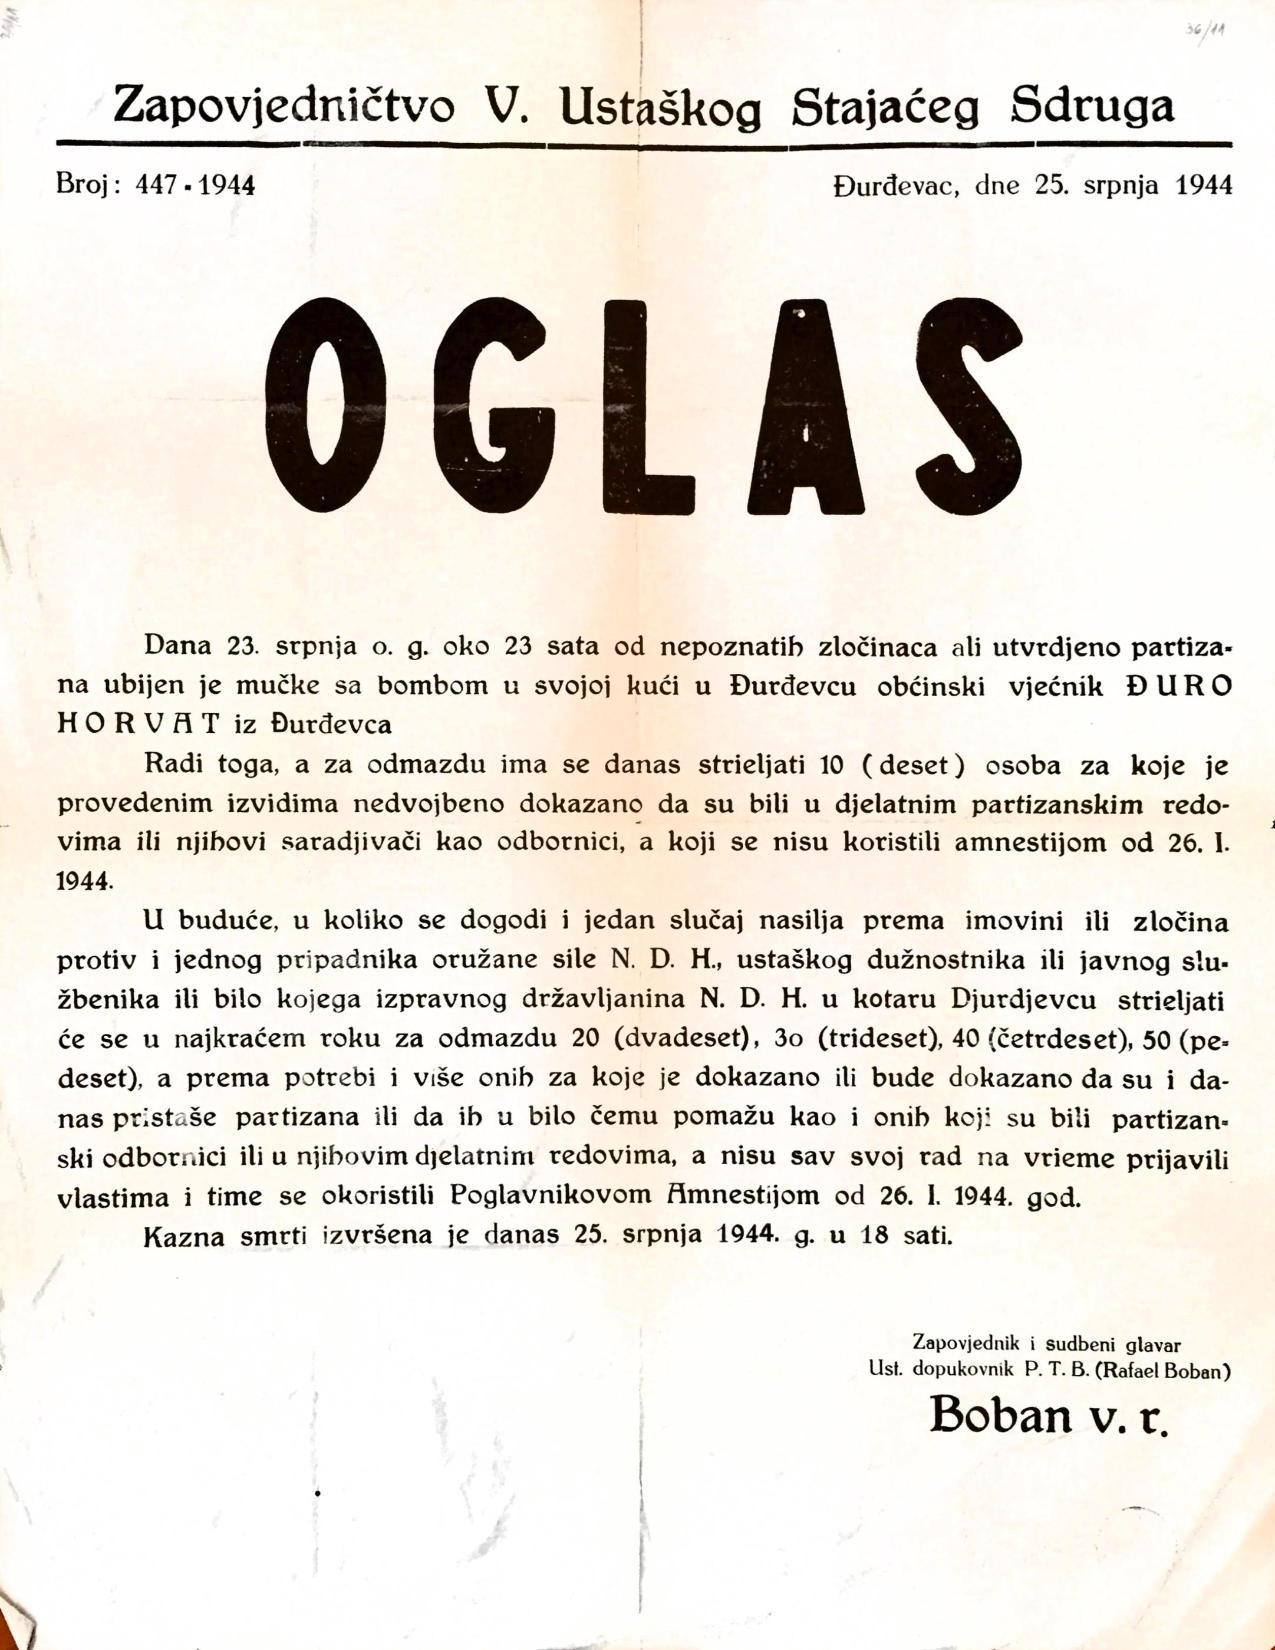 Oglas kojim se u Đurđevcu najavljuje strijeljanje desetero ljudi iz odmazde (Izvor: HR-HDA-907-Zbirka stampata,36/11.)